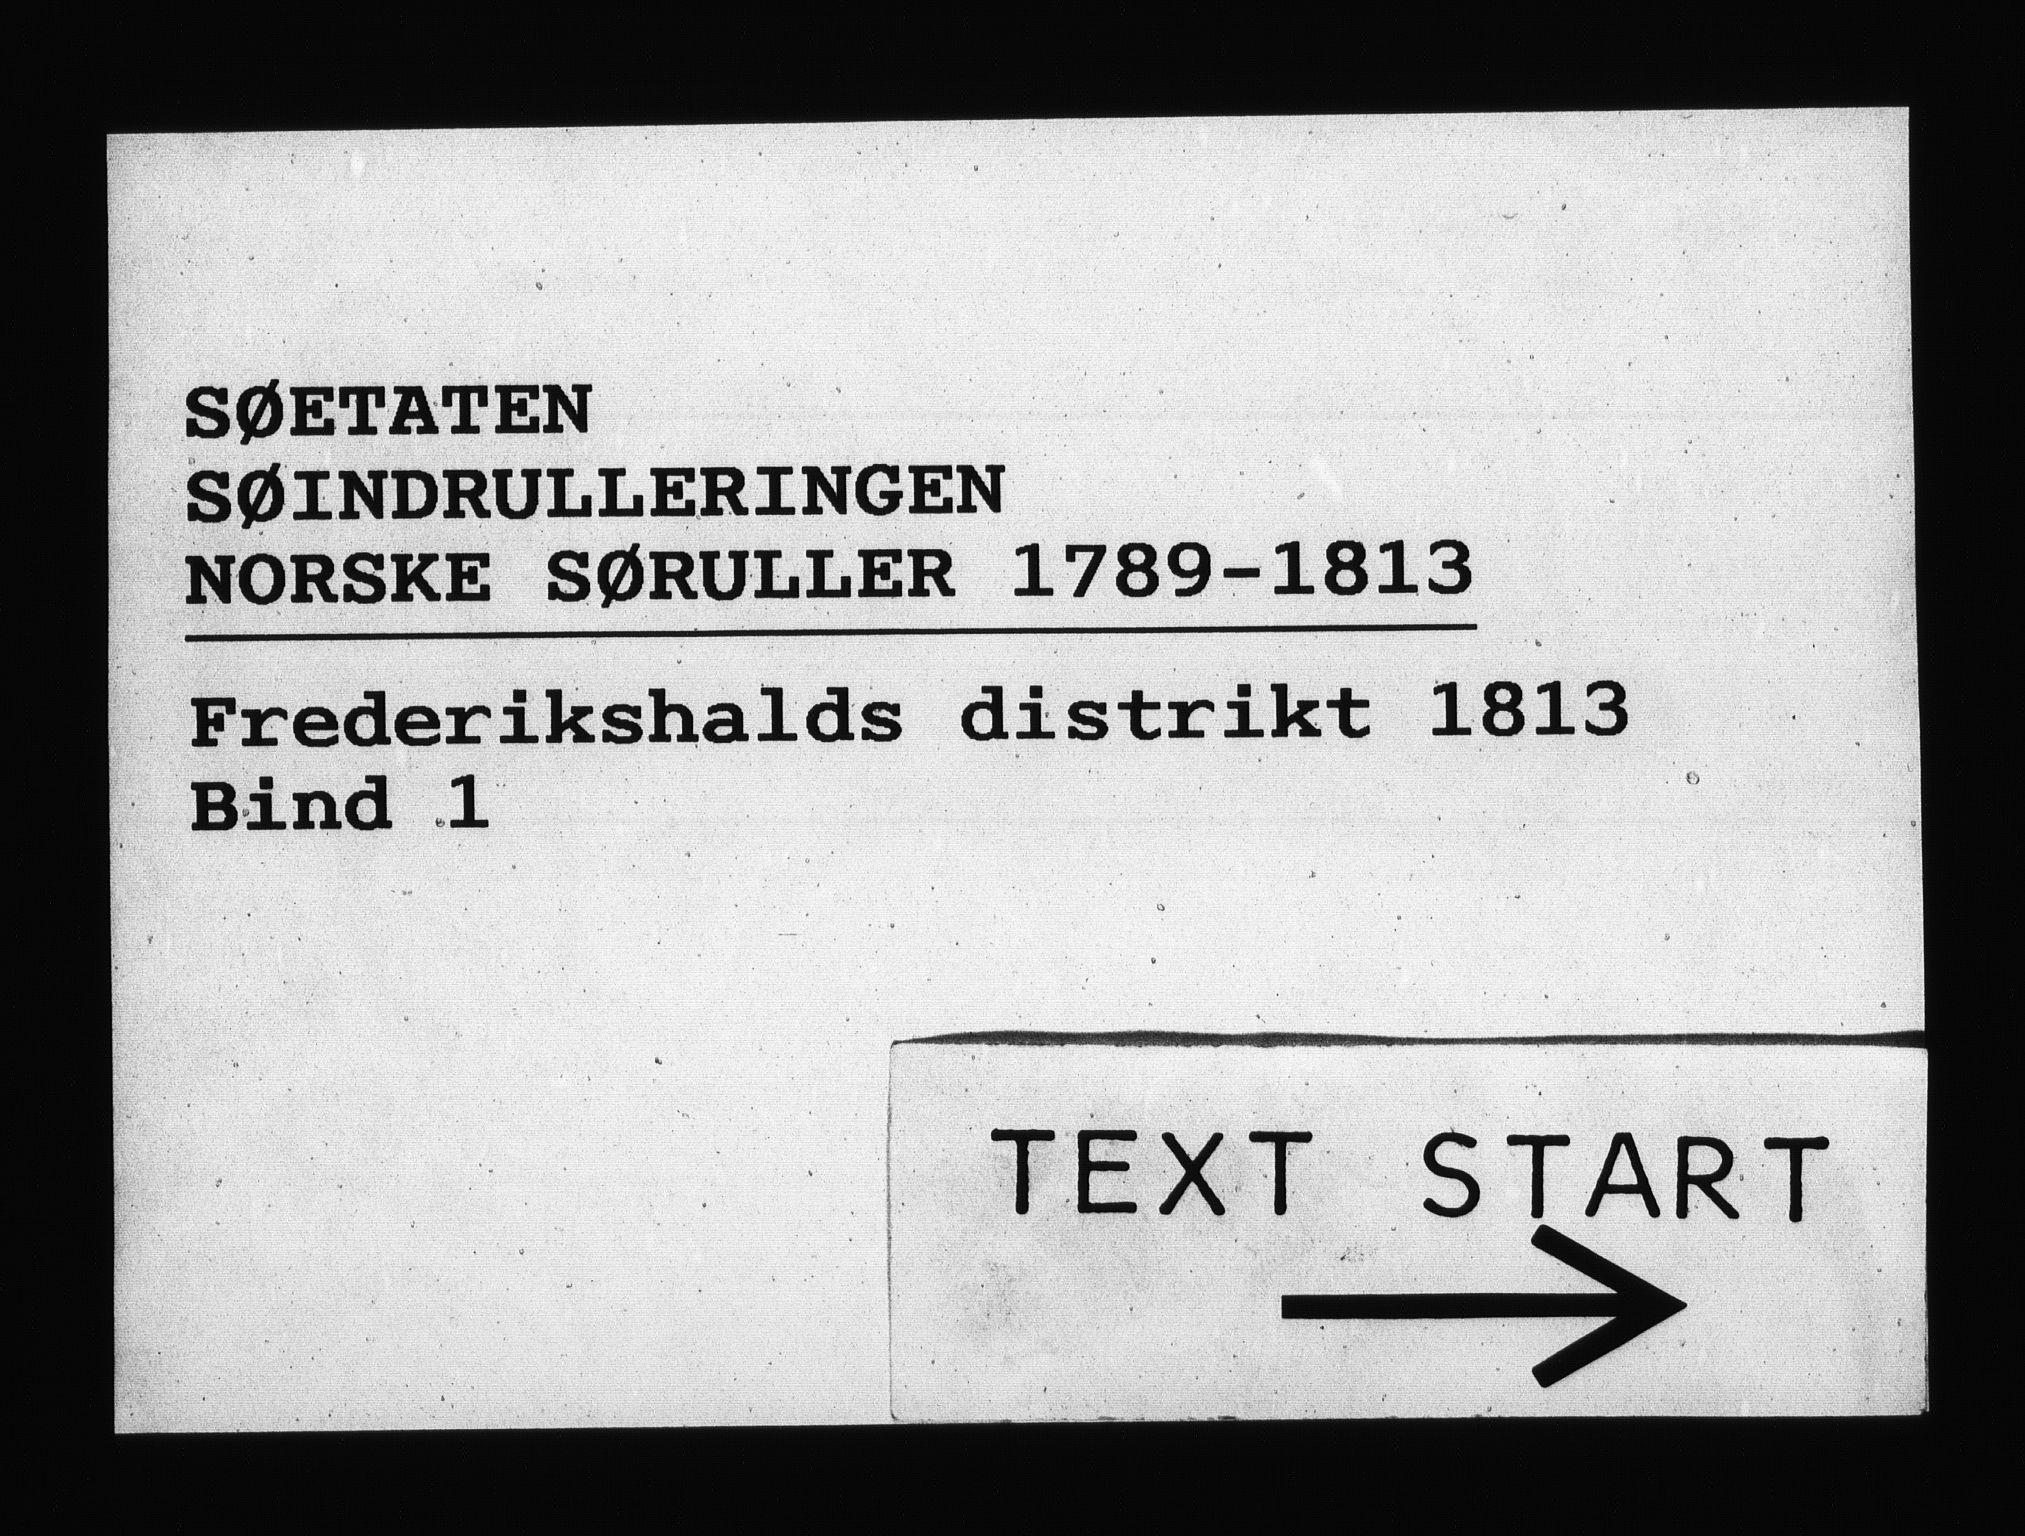 RA, Sjøetaten, F/L0208: Fredrikshalds distrikt, bind 1, 1813